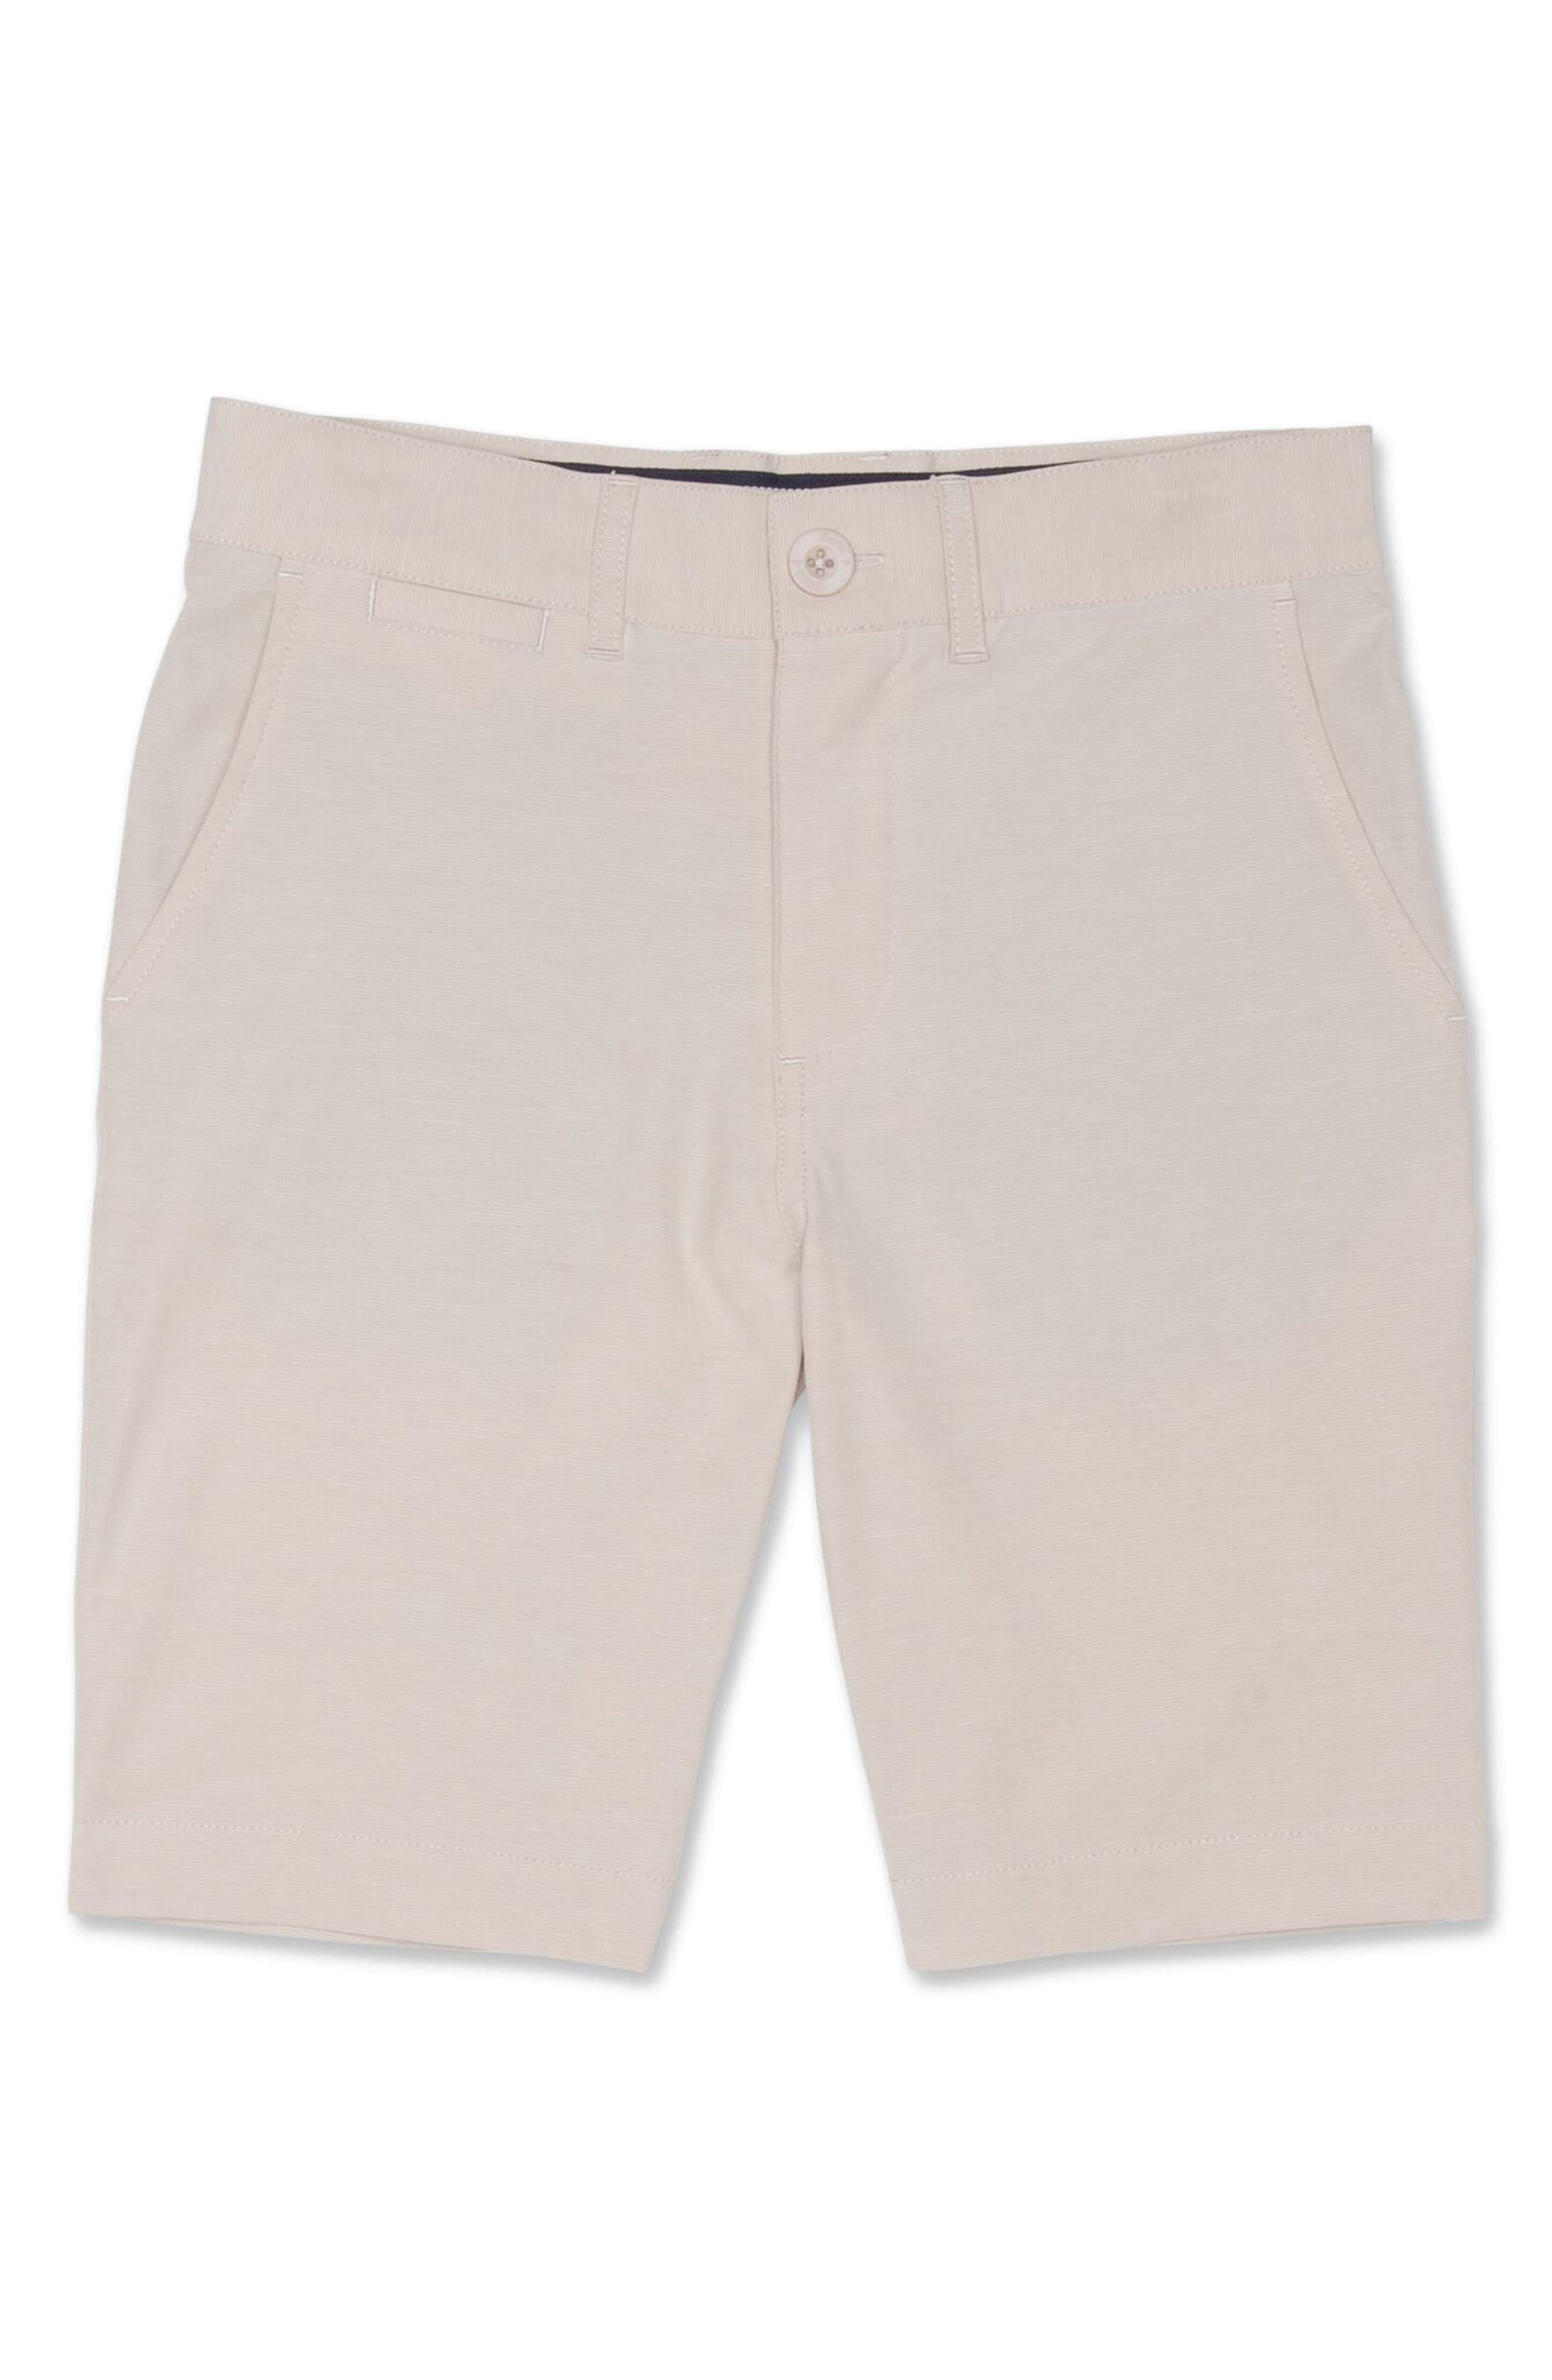 Wyatt Shorts,                         Main,                         color, STONE